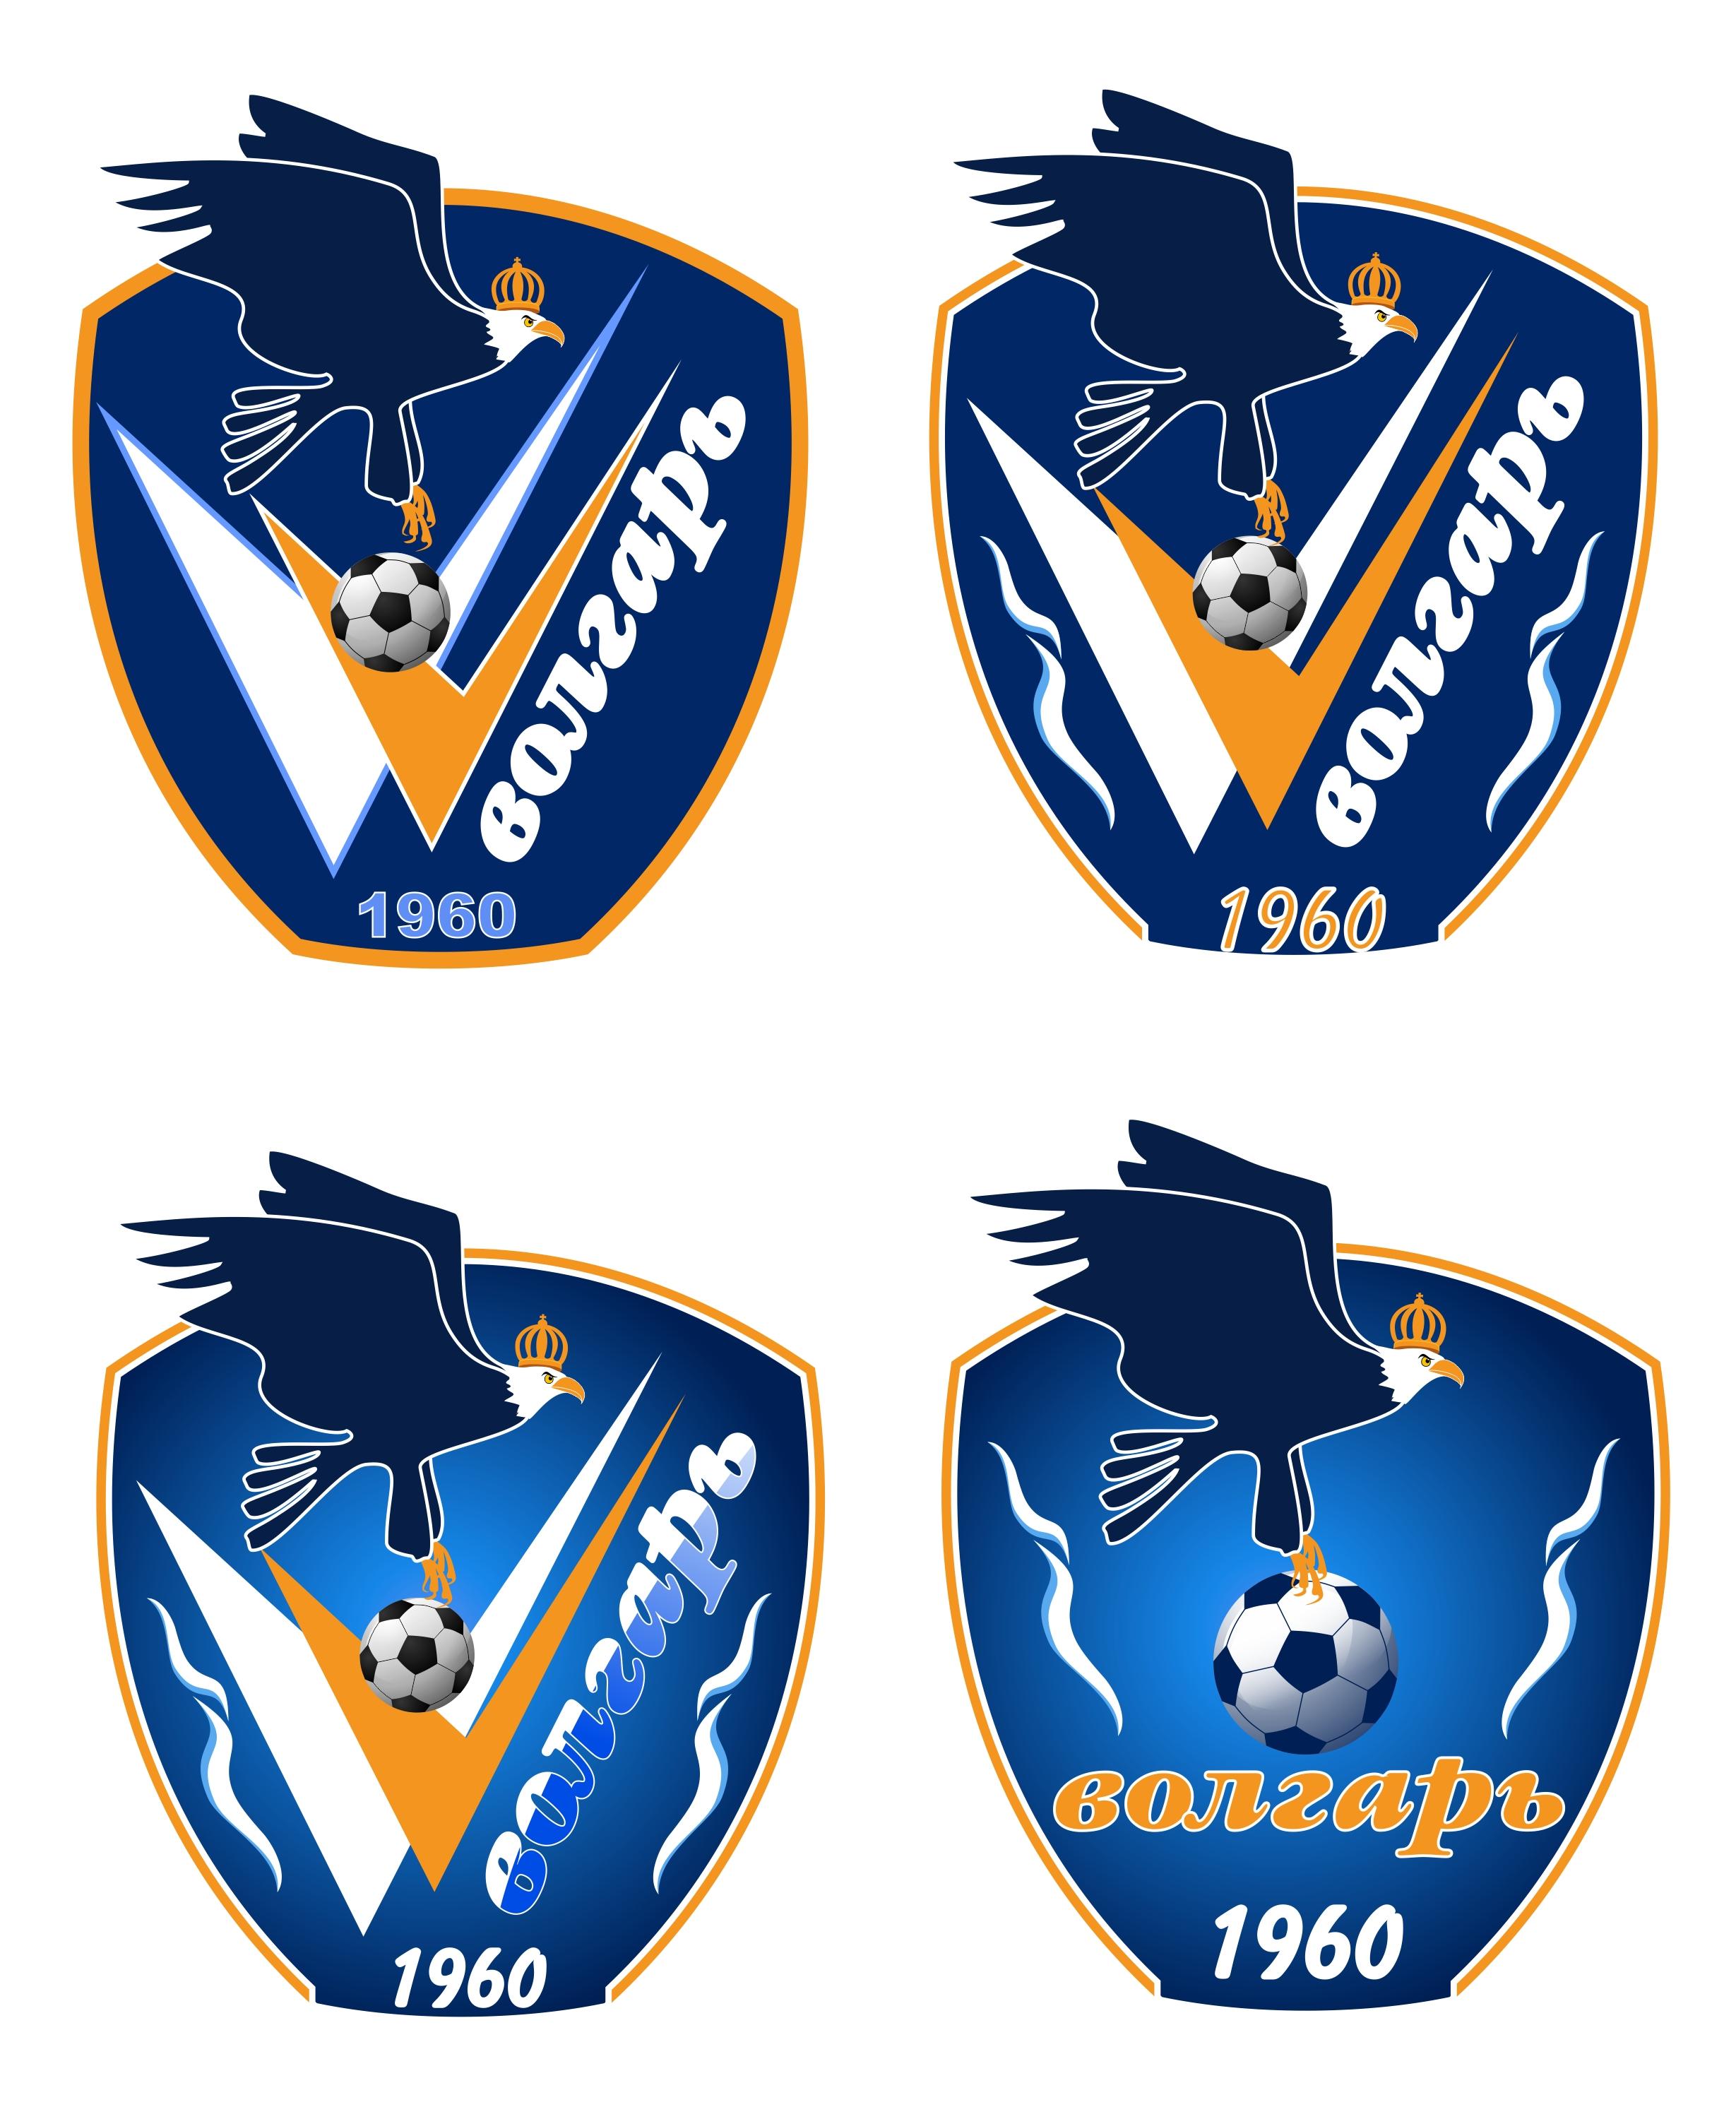 Разработка эмблемы футбольного клуба фото f_4fc24f71bc5d1.jpg